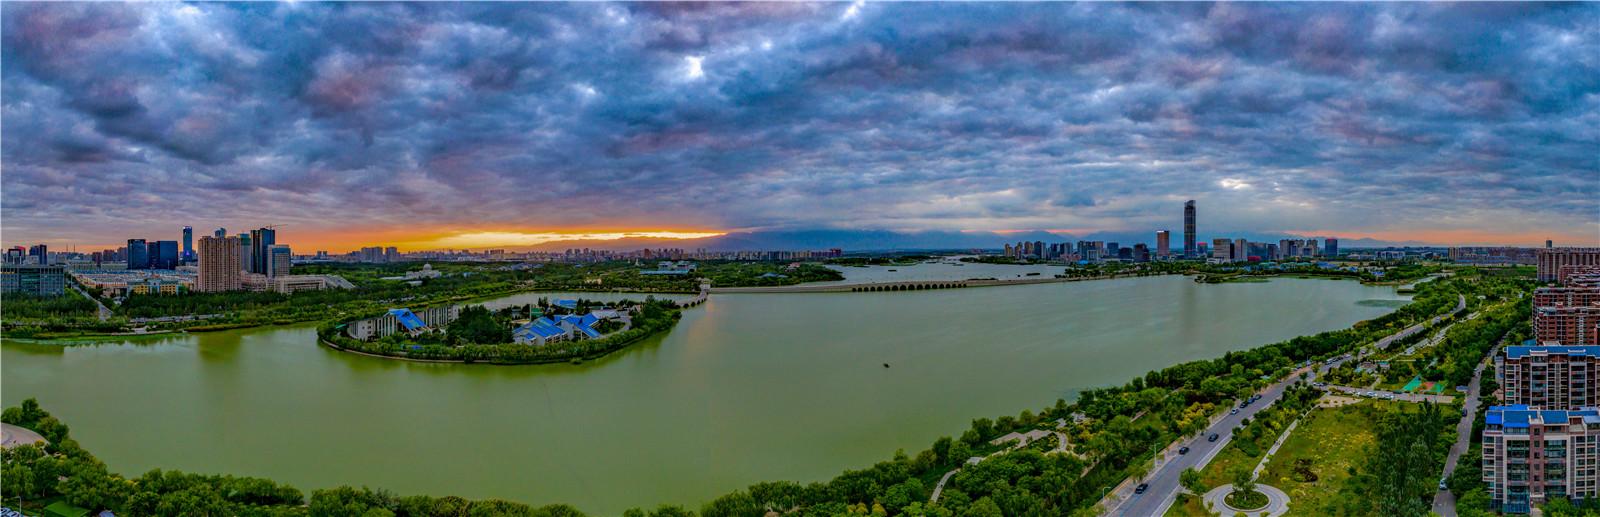 【黄河两岸是我家】大视野瞰宁夏:阅海晚霞